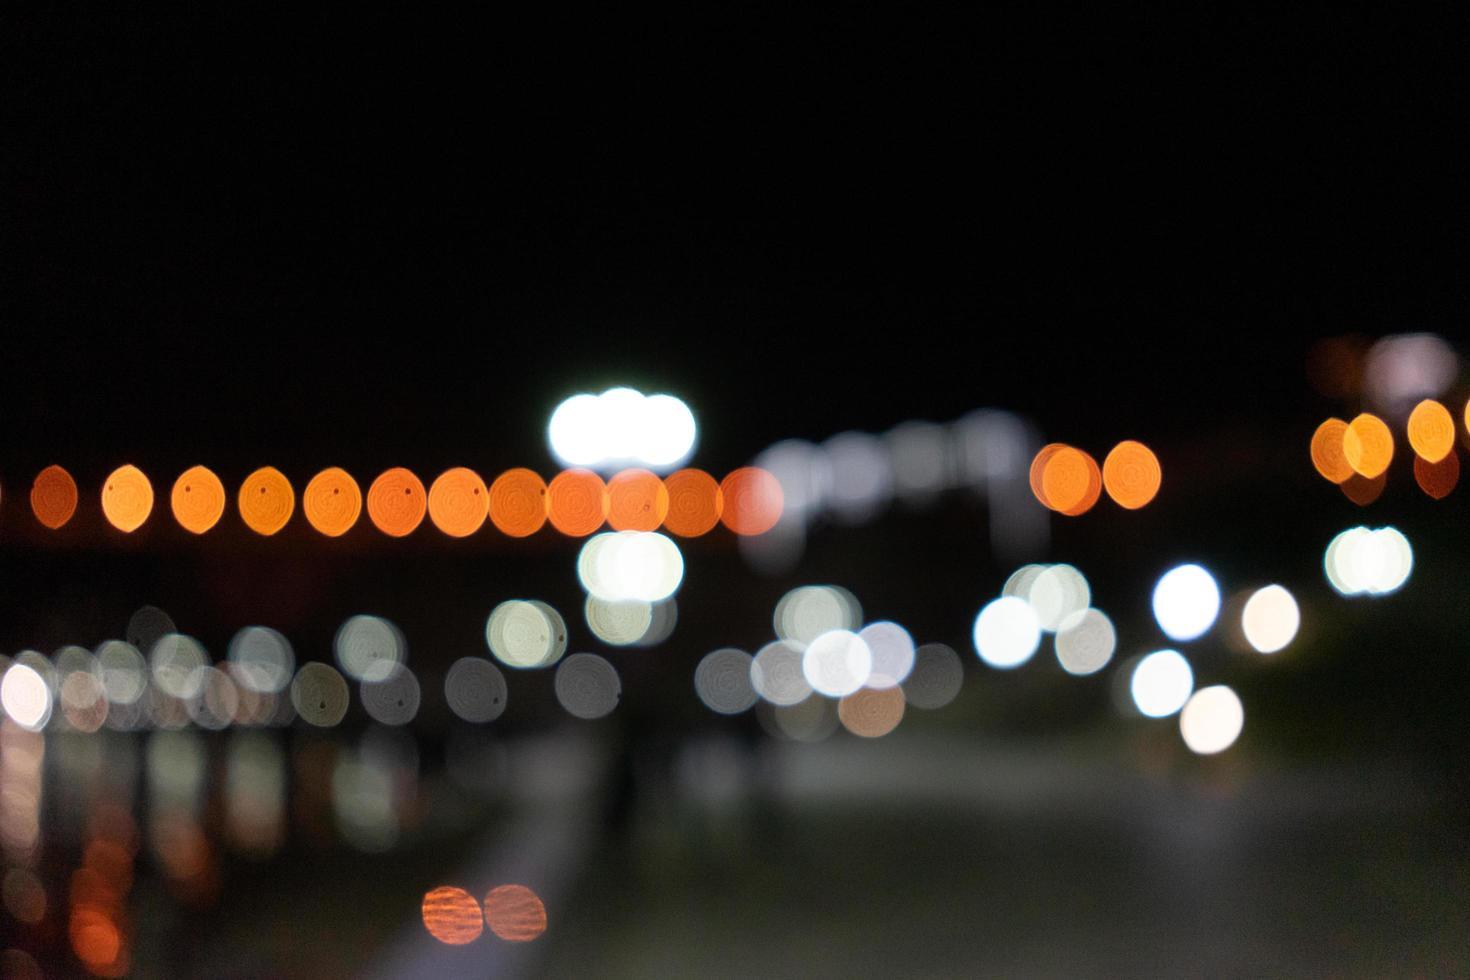 sfondo notturno astratto con bokeh luminoso foto